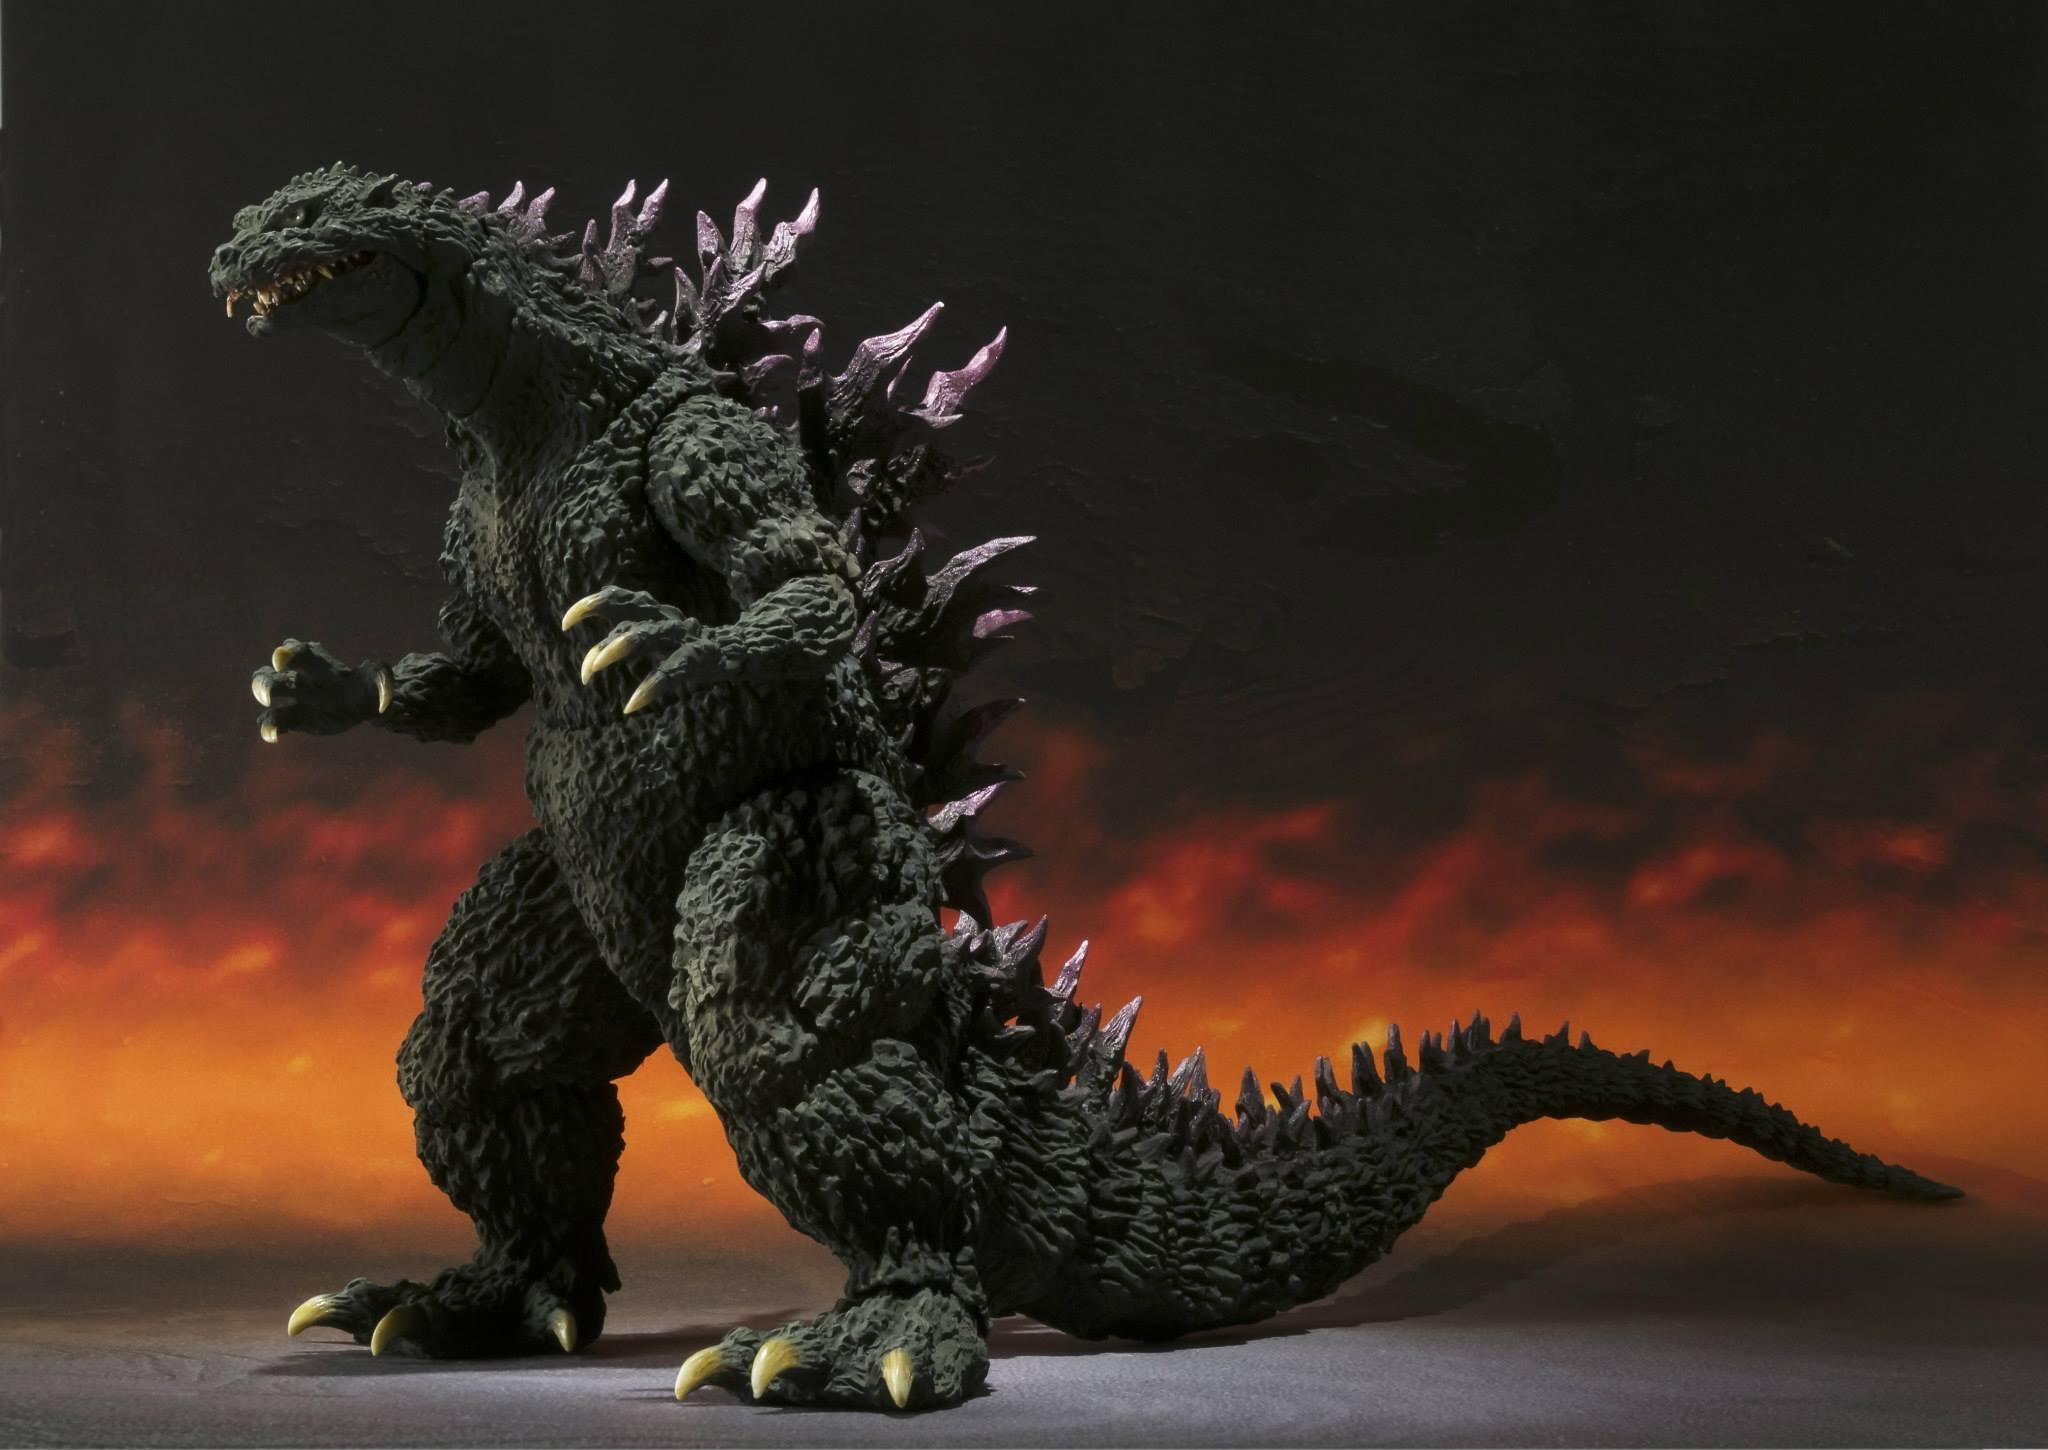 wallpaper godzilla monster dinosaur - photo #4